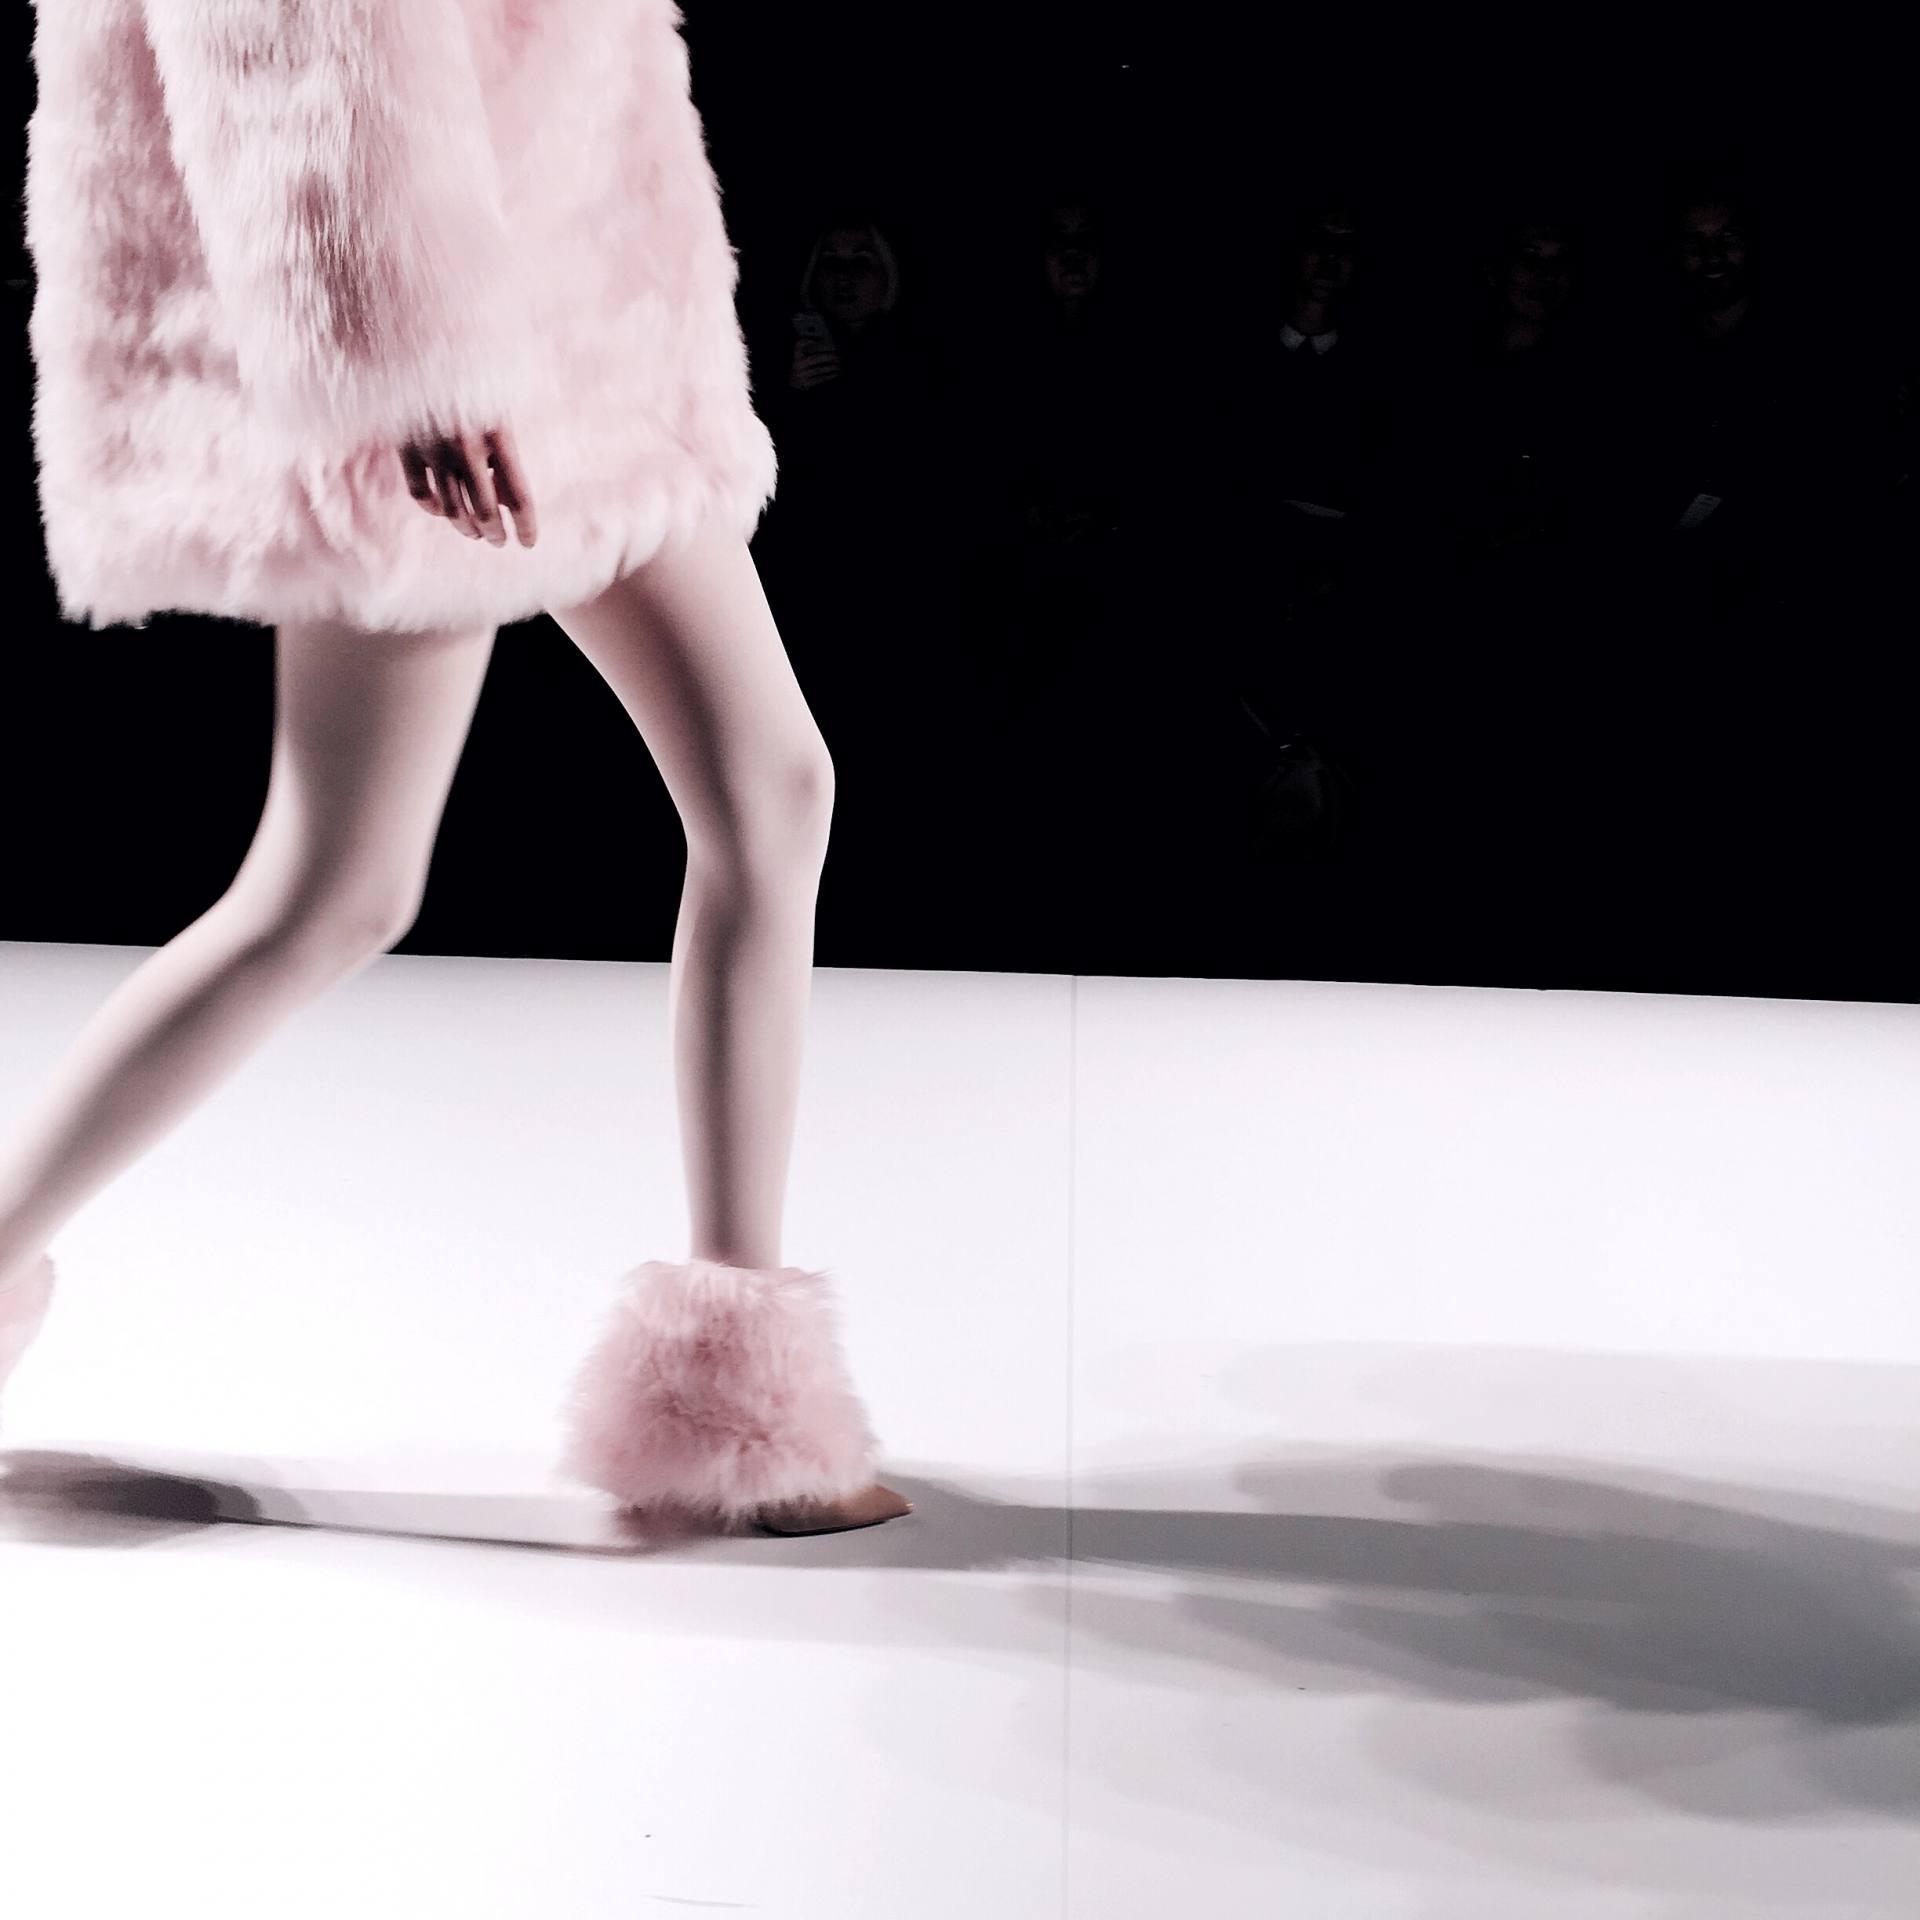 Pink fur runway